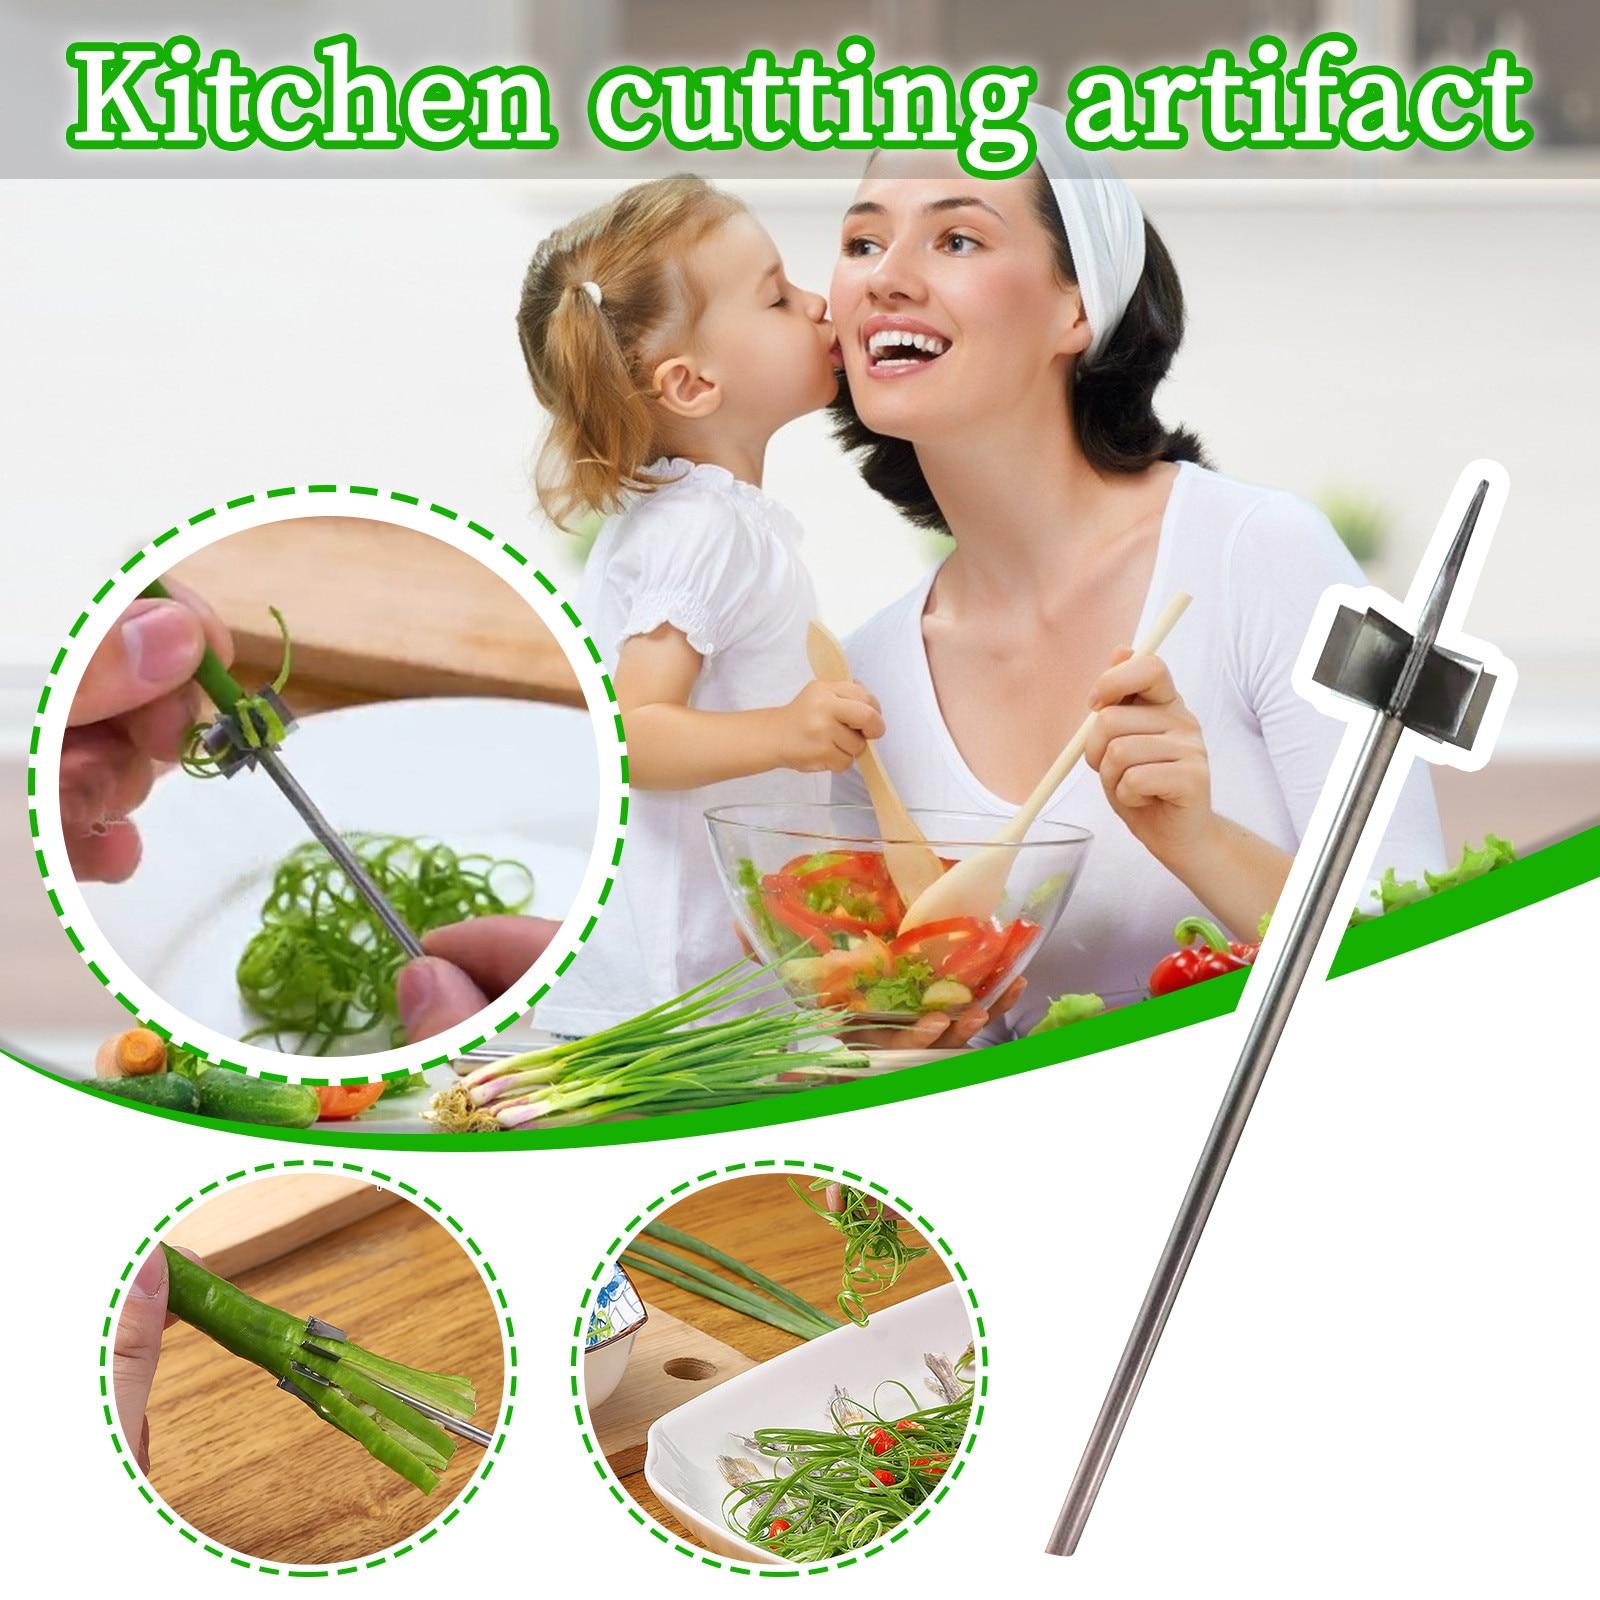 Овощерезки и слайсеры, нож-скальон для кухни, ресторана, в форме шпината, инструмент для соскабливания капусты, многофункциональные терки и...